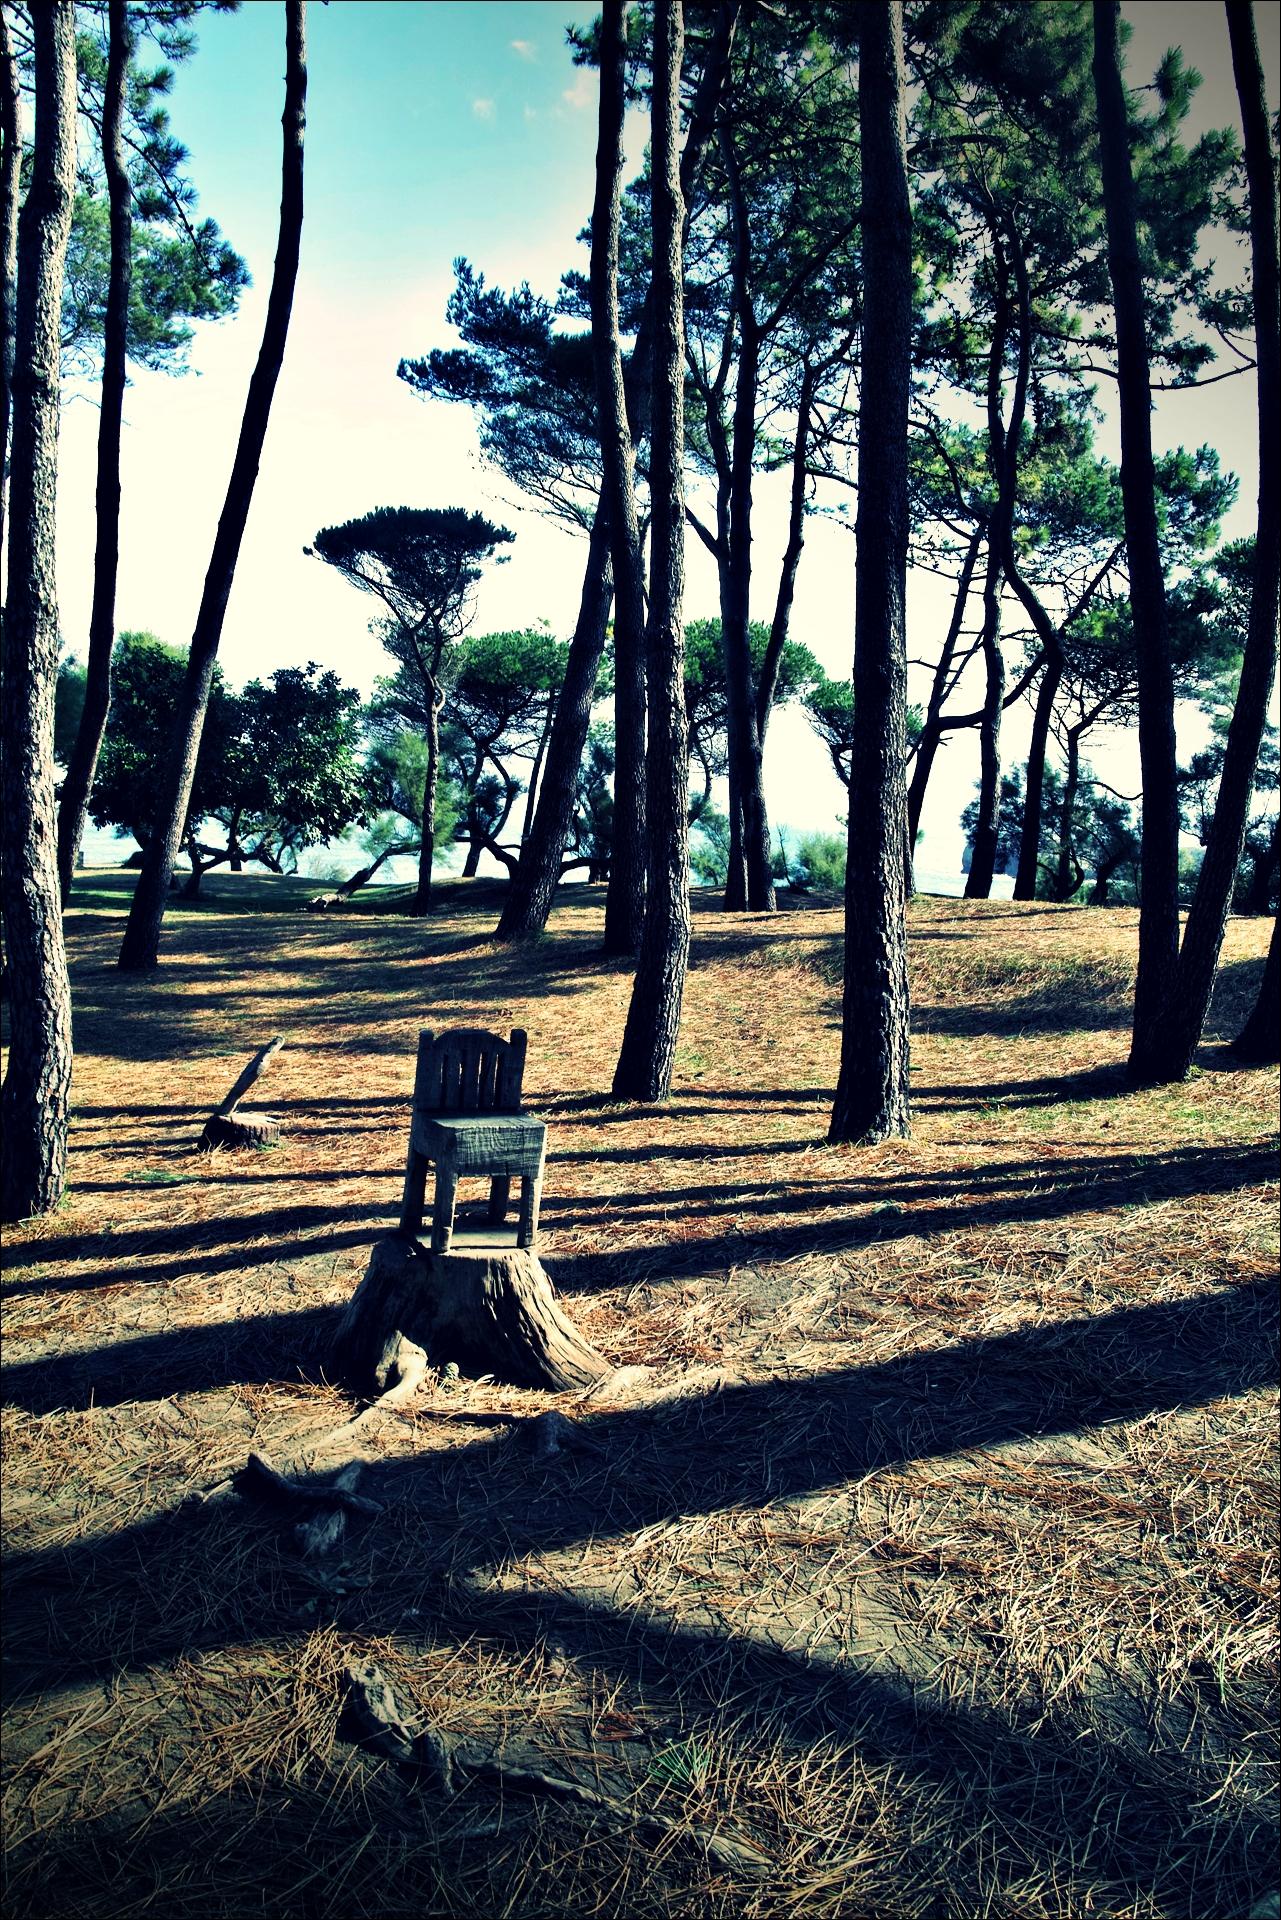 나무의자 조각-'산탄데르 둘러보기(Sightseeing Santander)'